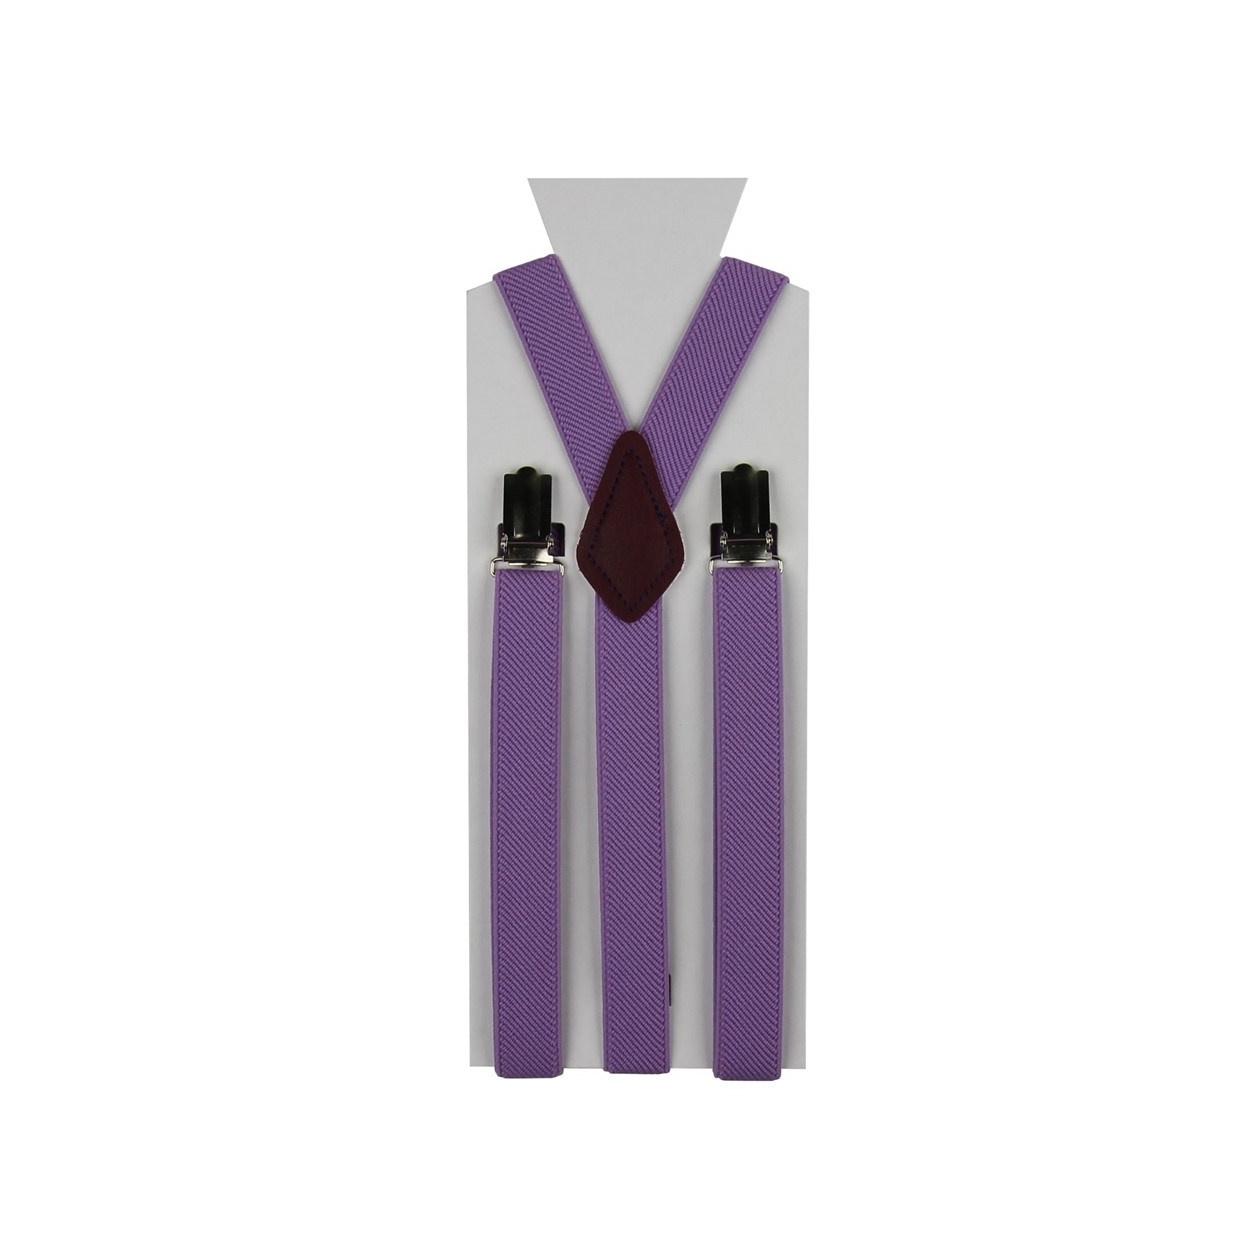 Moderní fialové pánské šle ve tvaru Y o délce 110 cm.